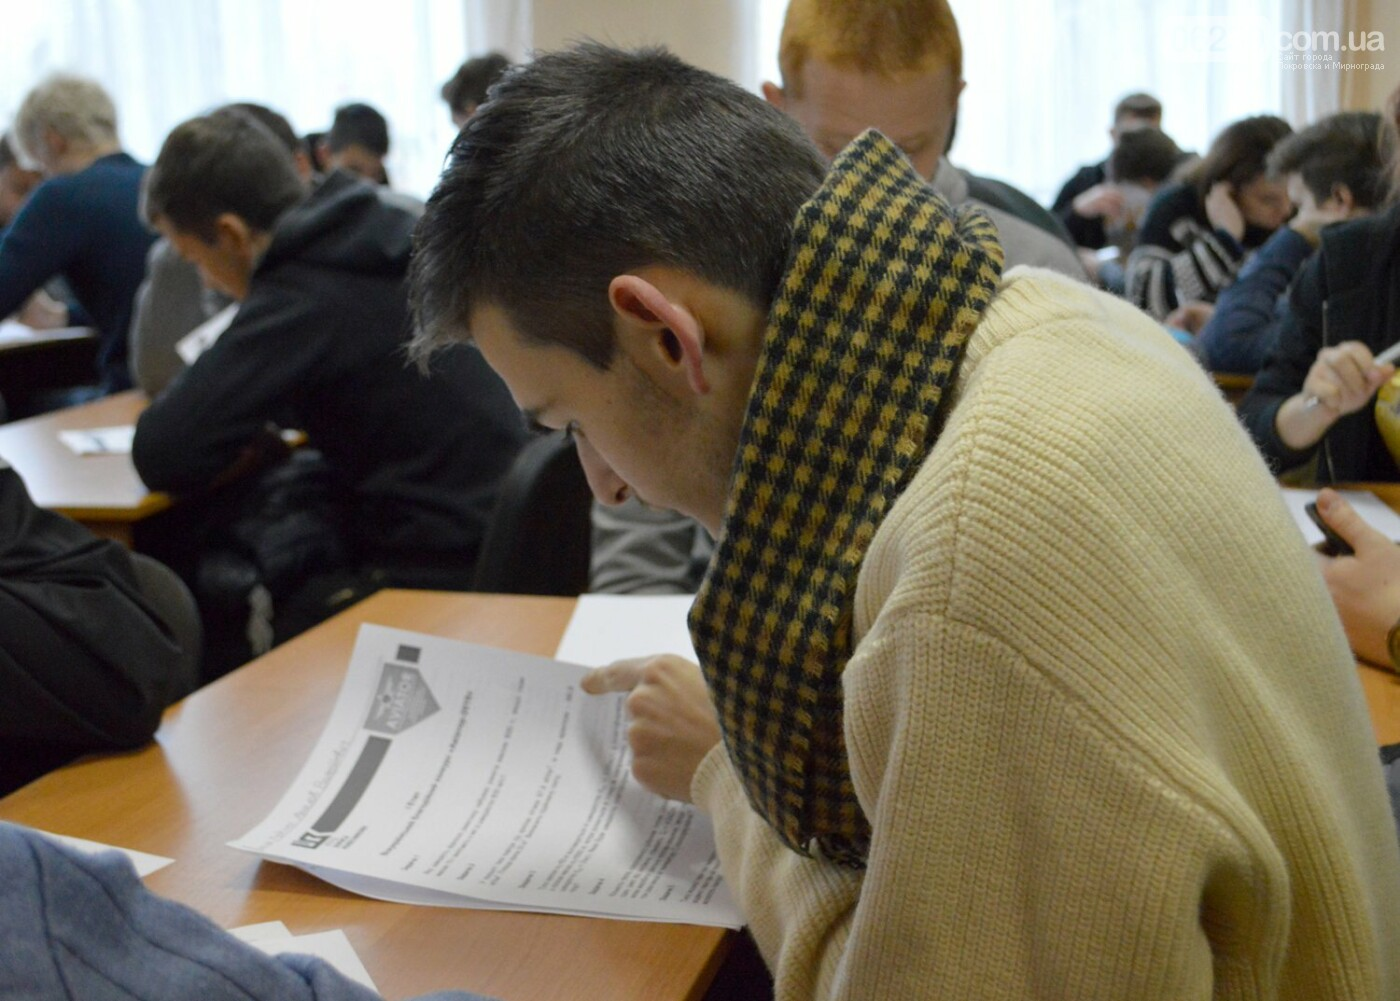 Студенты из Покровска включились в борьбу за поездку на Ле Бурже в Париж , фото-1